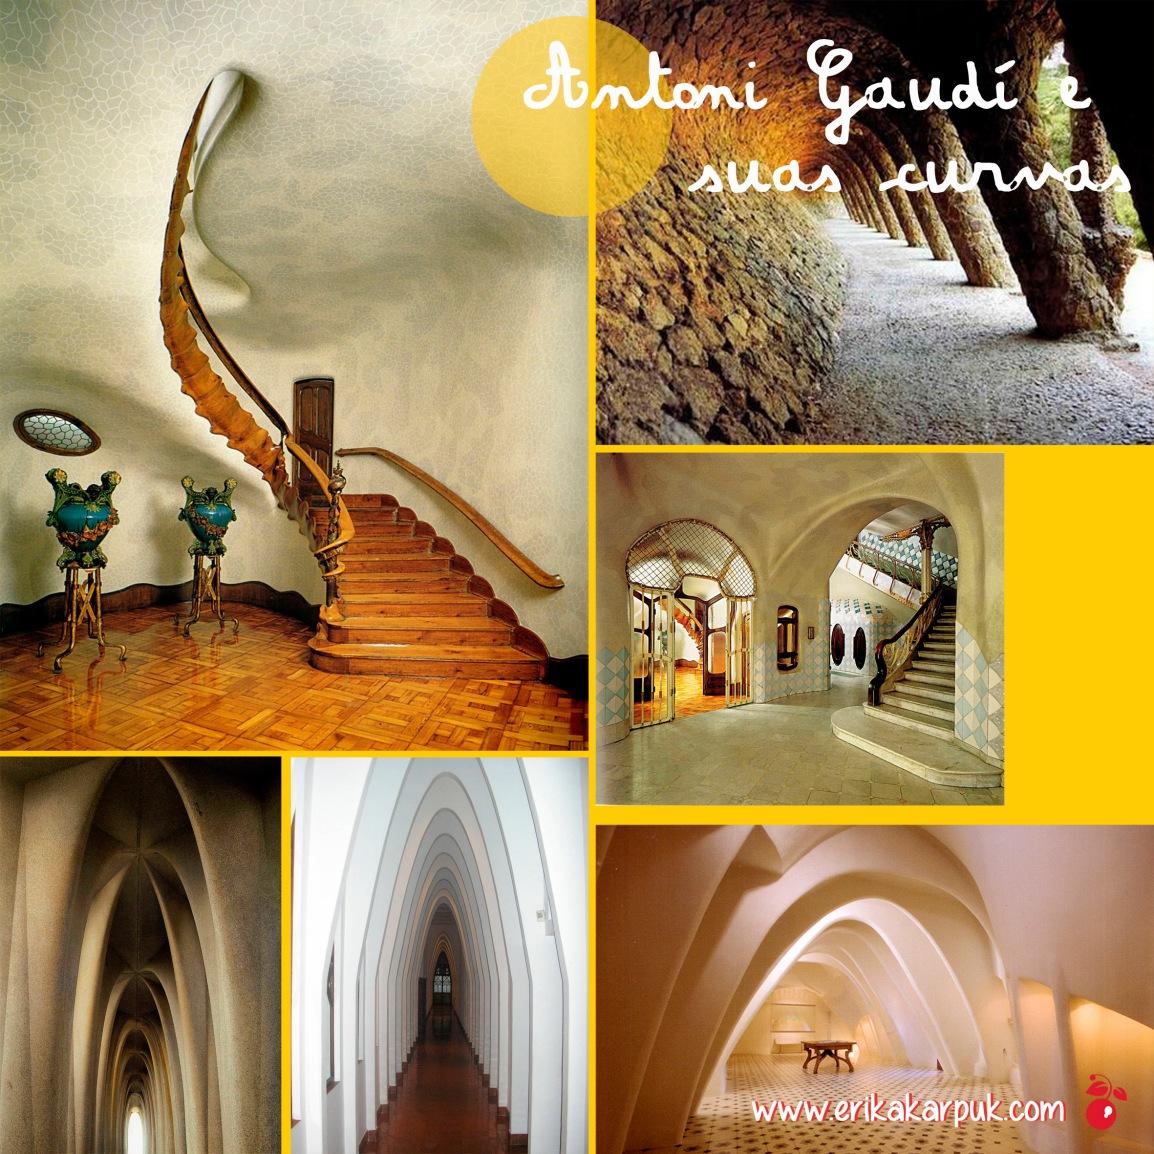 Gaudi e suas curvas By Erika Karpuk